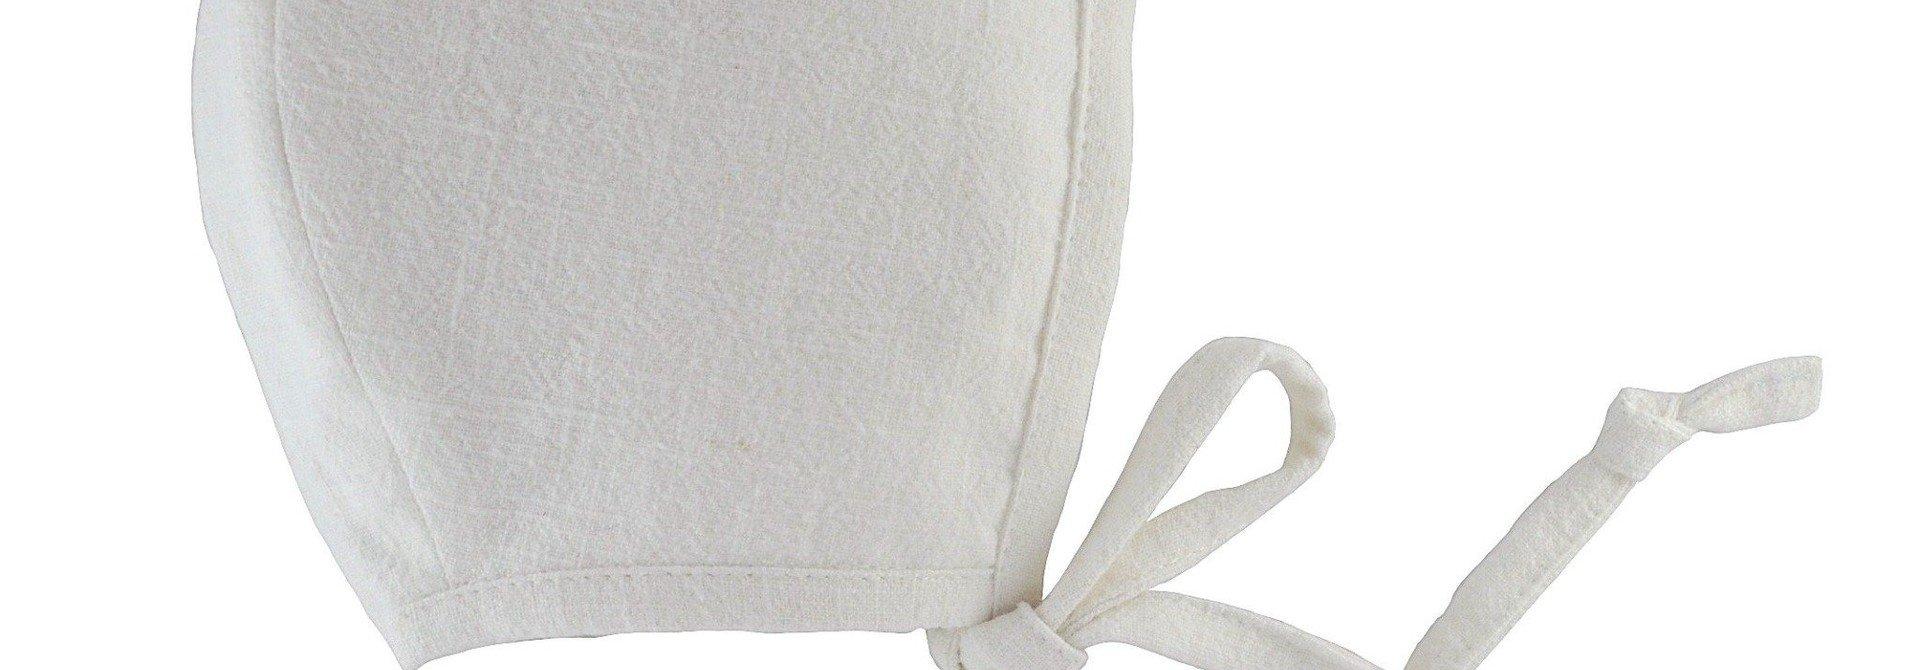 Bonnet - Linen